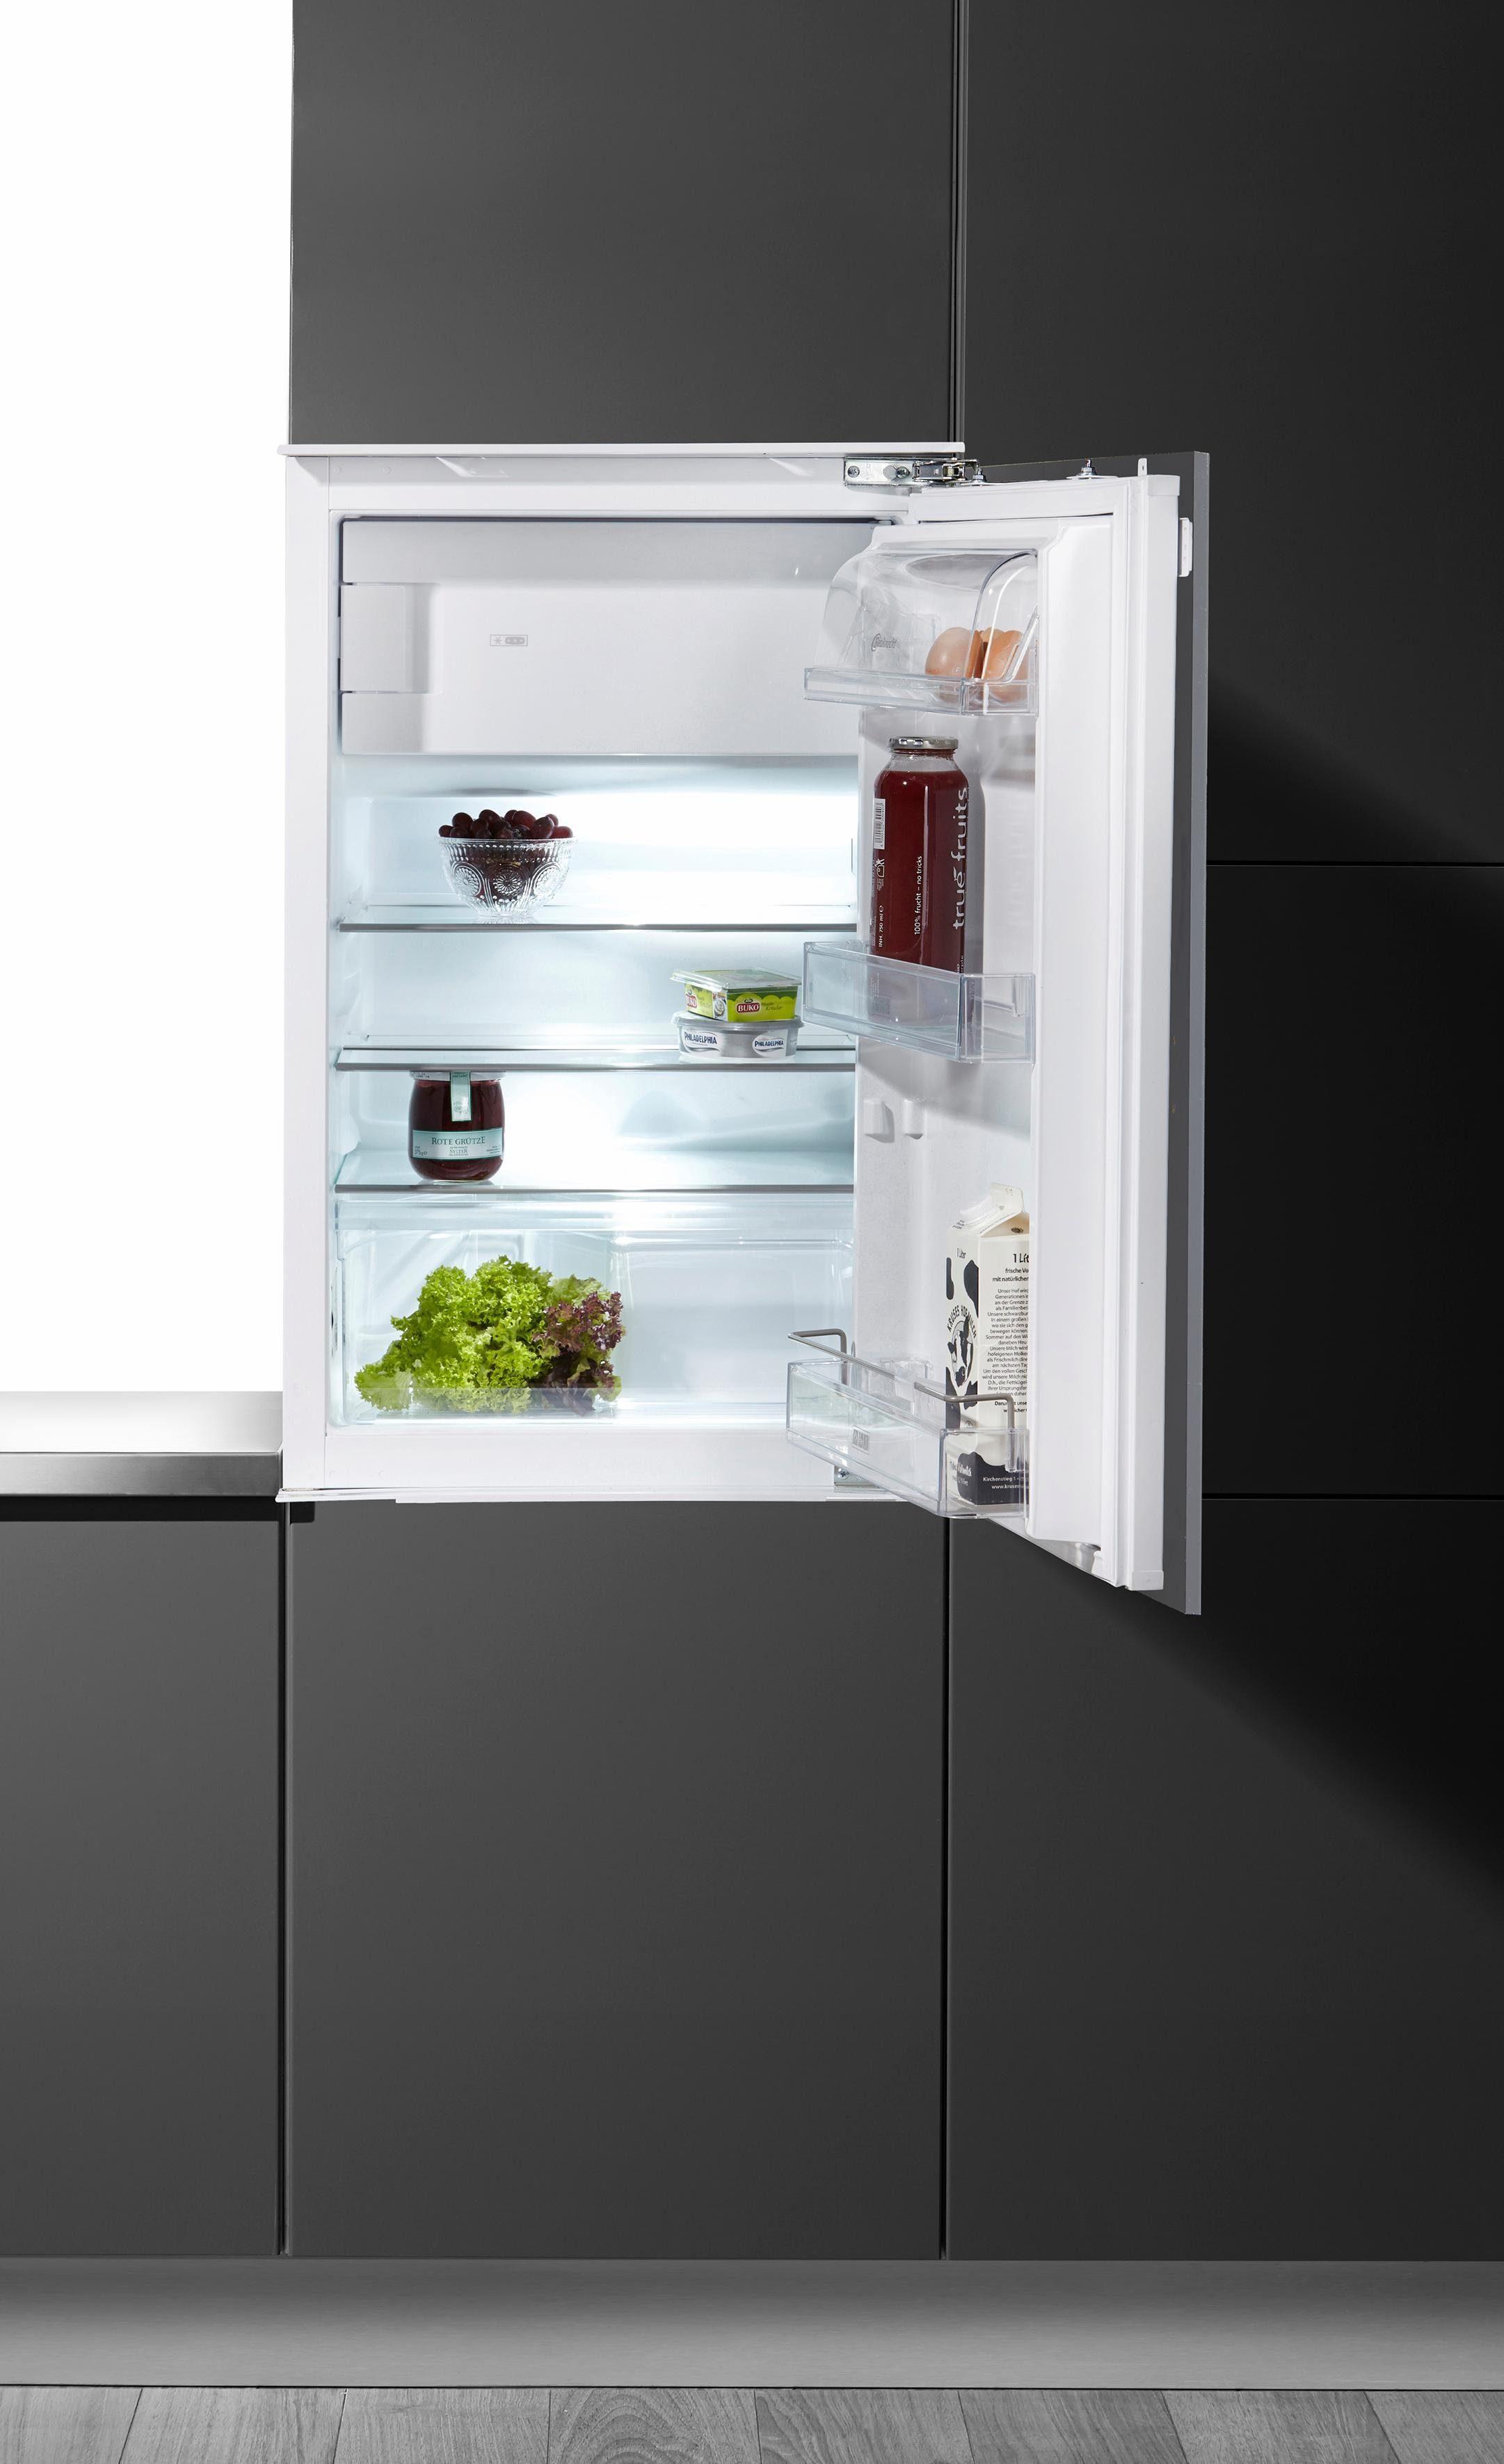 Bauknecht integrierbarer Einbau-Kühlschrank KVIE 4884 A+++, 87,3 cm